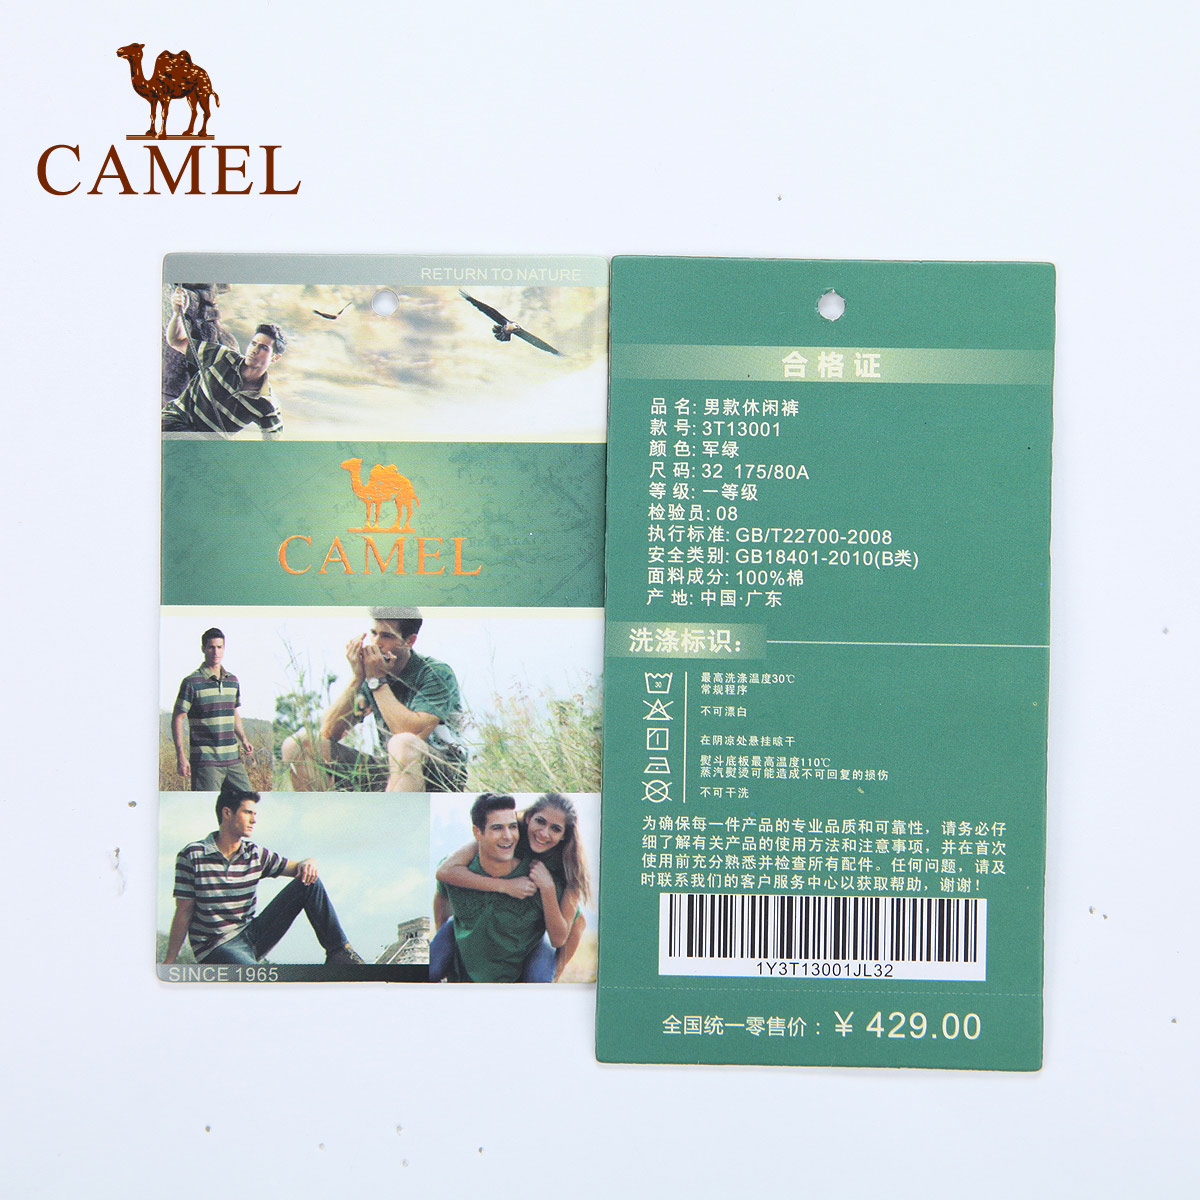 Брюки-шорты Camel 3t13001 Camel Капри / бриджи ( короткие ) Китай Лето 2013